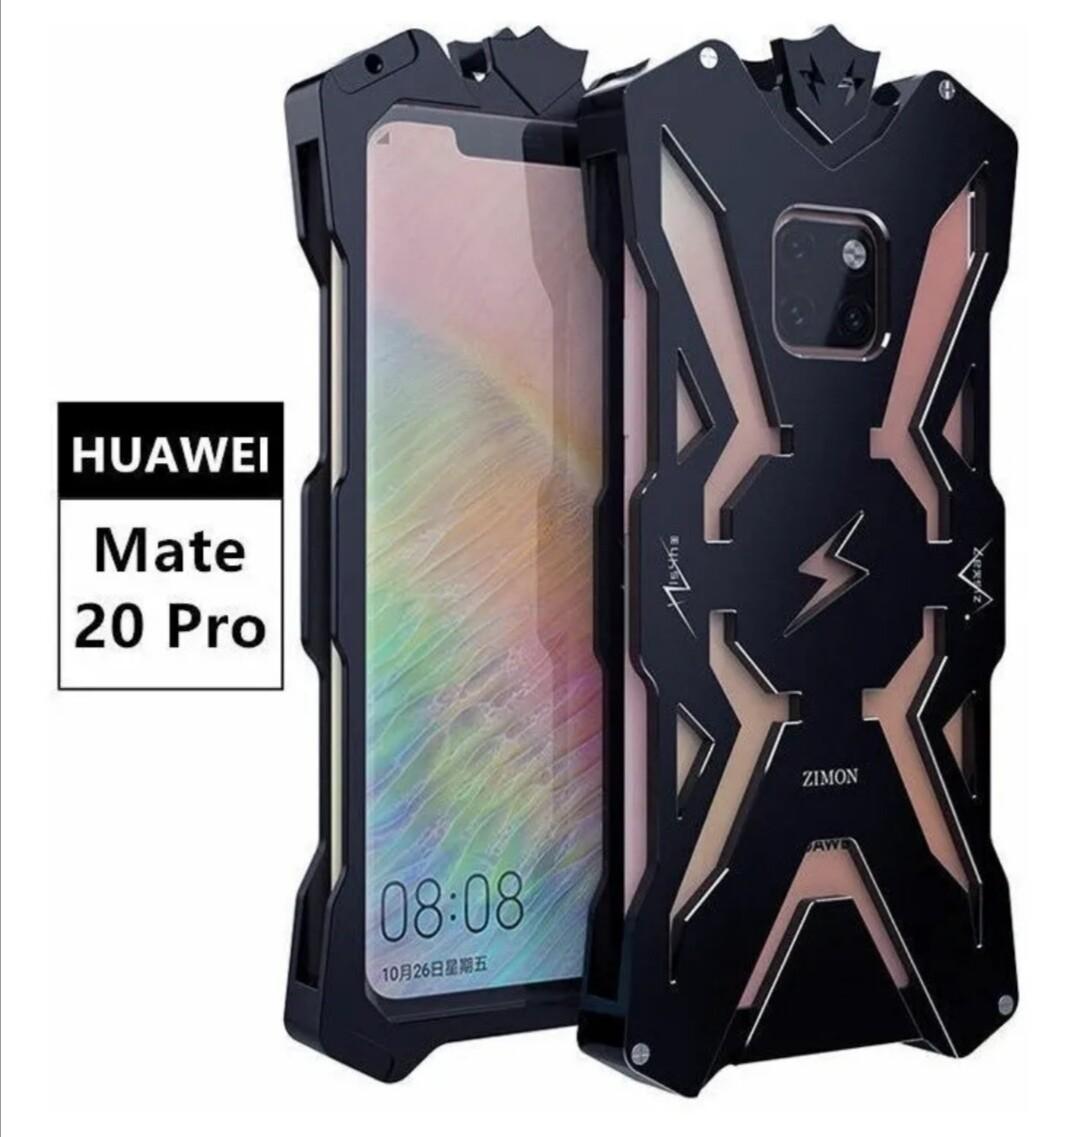 Case Huawei Mate 20 Pro Metal con Pernos Negro